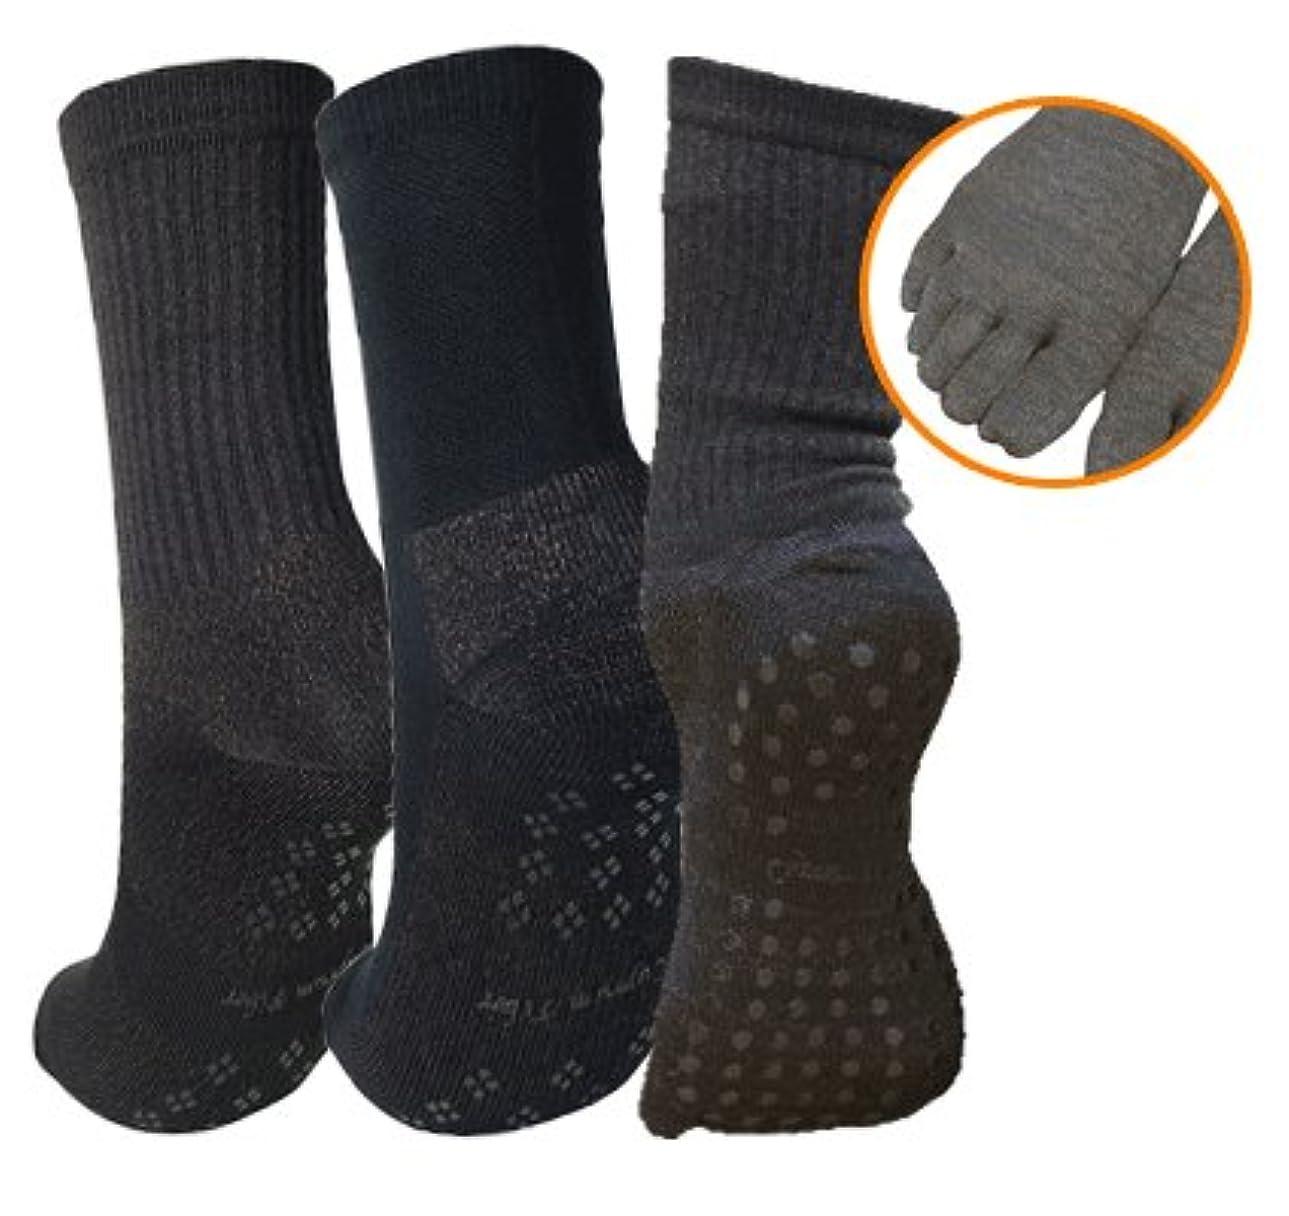 引き出す工業化する自伝銅繊維靴下「足もとはいつも青春」 女性専用お得お試し3点セット 【しもやけ対策に】